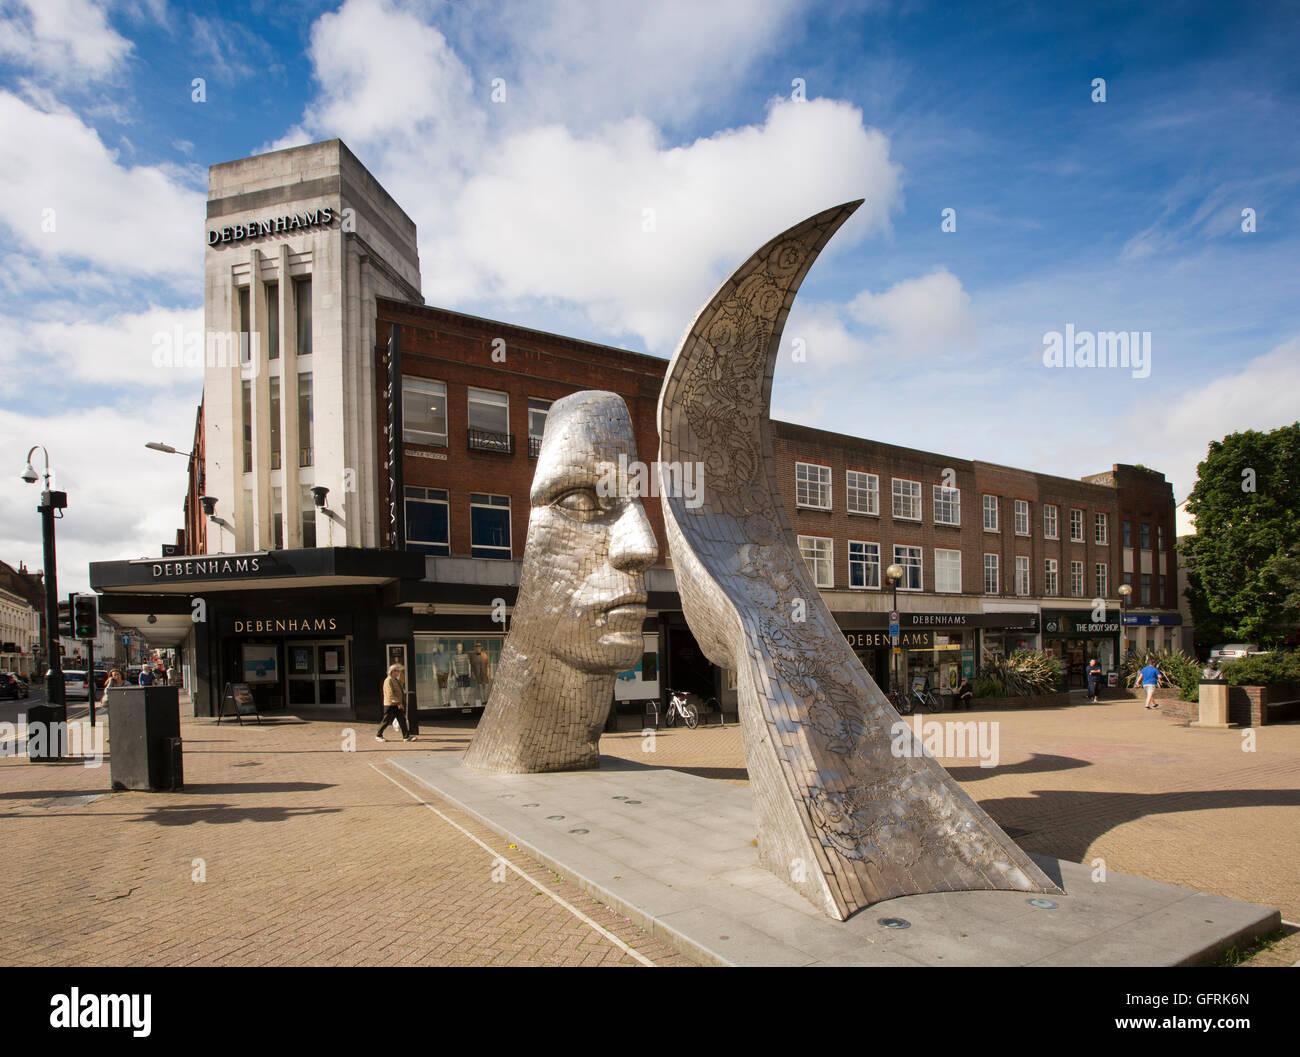 Reino Unido, Inglaterra, Bedfordshire, Bedford, Reflexiones de Bedford, escultura fuera de Debenhams Foto de stock